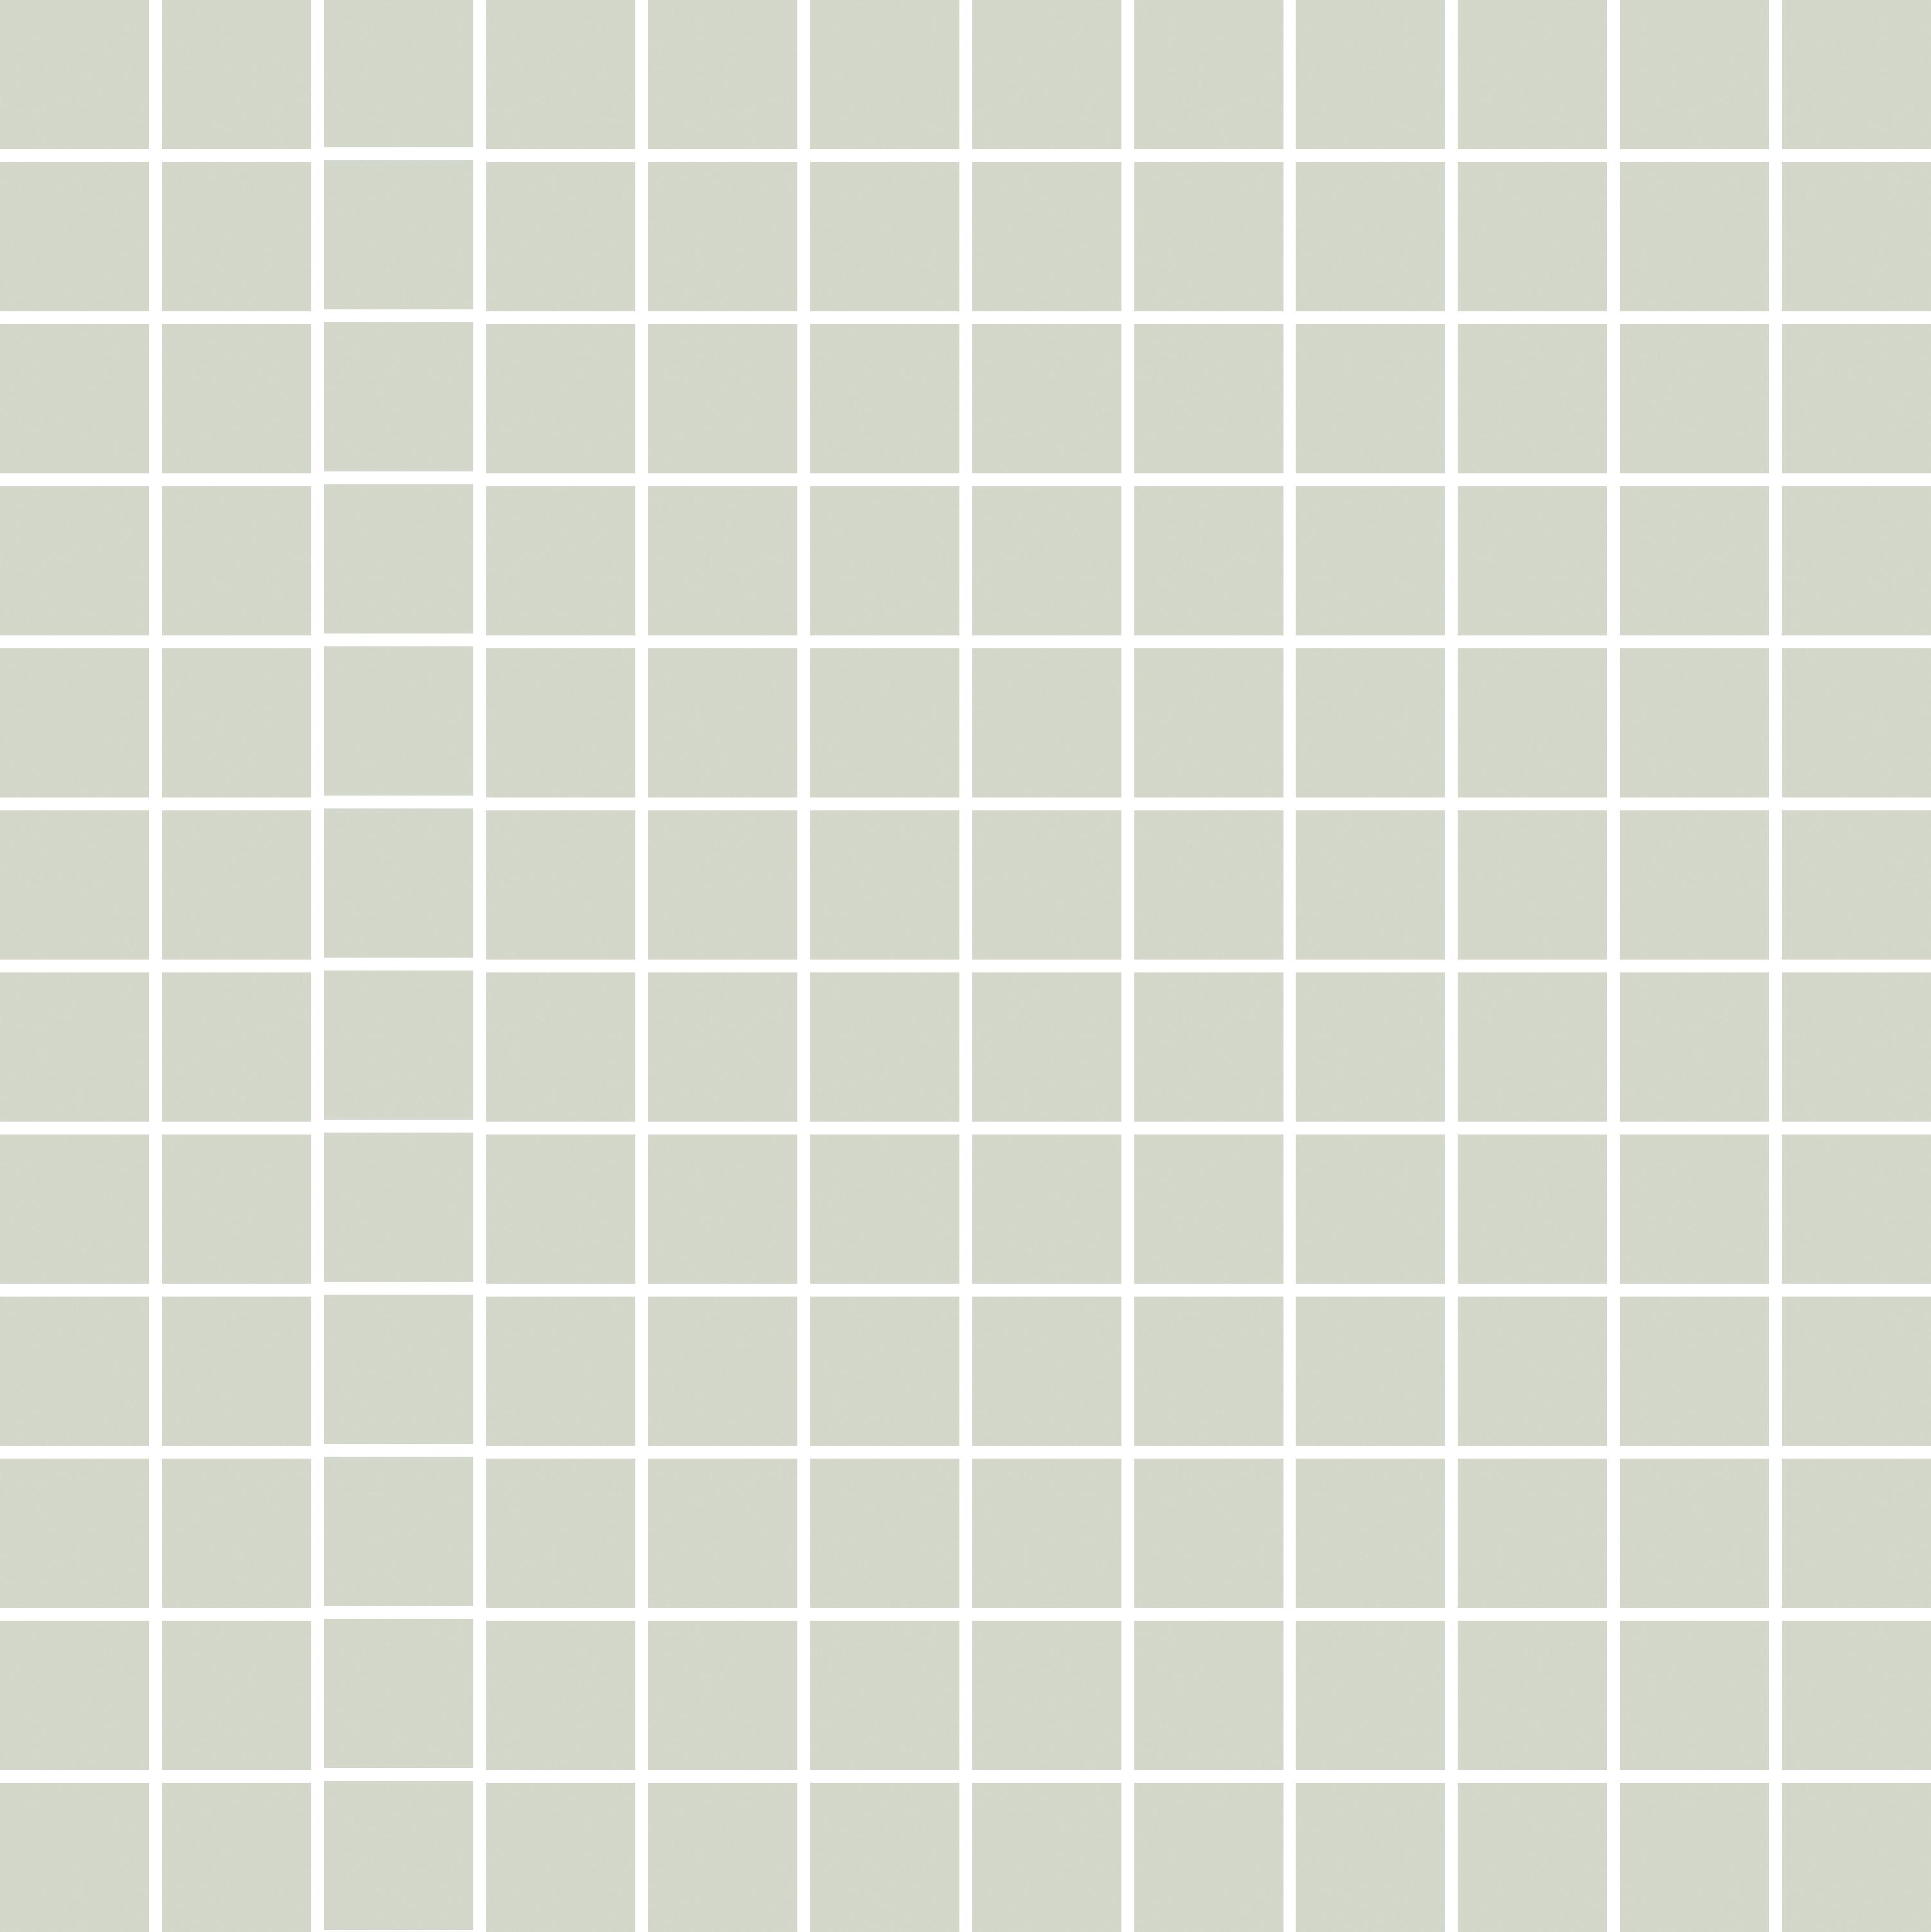 25-0348, Mosaico Porcelanico 2019, Vihreä, lattia,liukastumisenesto,mosaiikki,pakkasenkesto